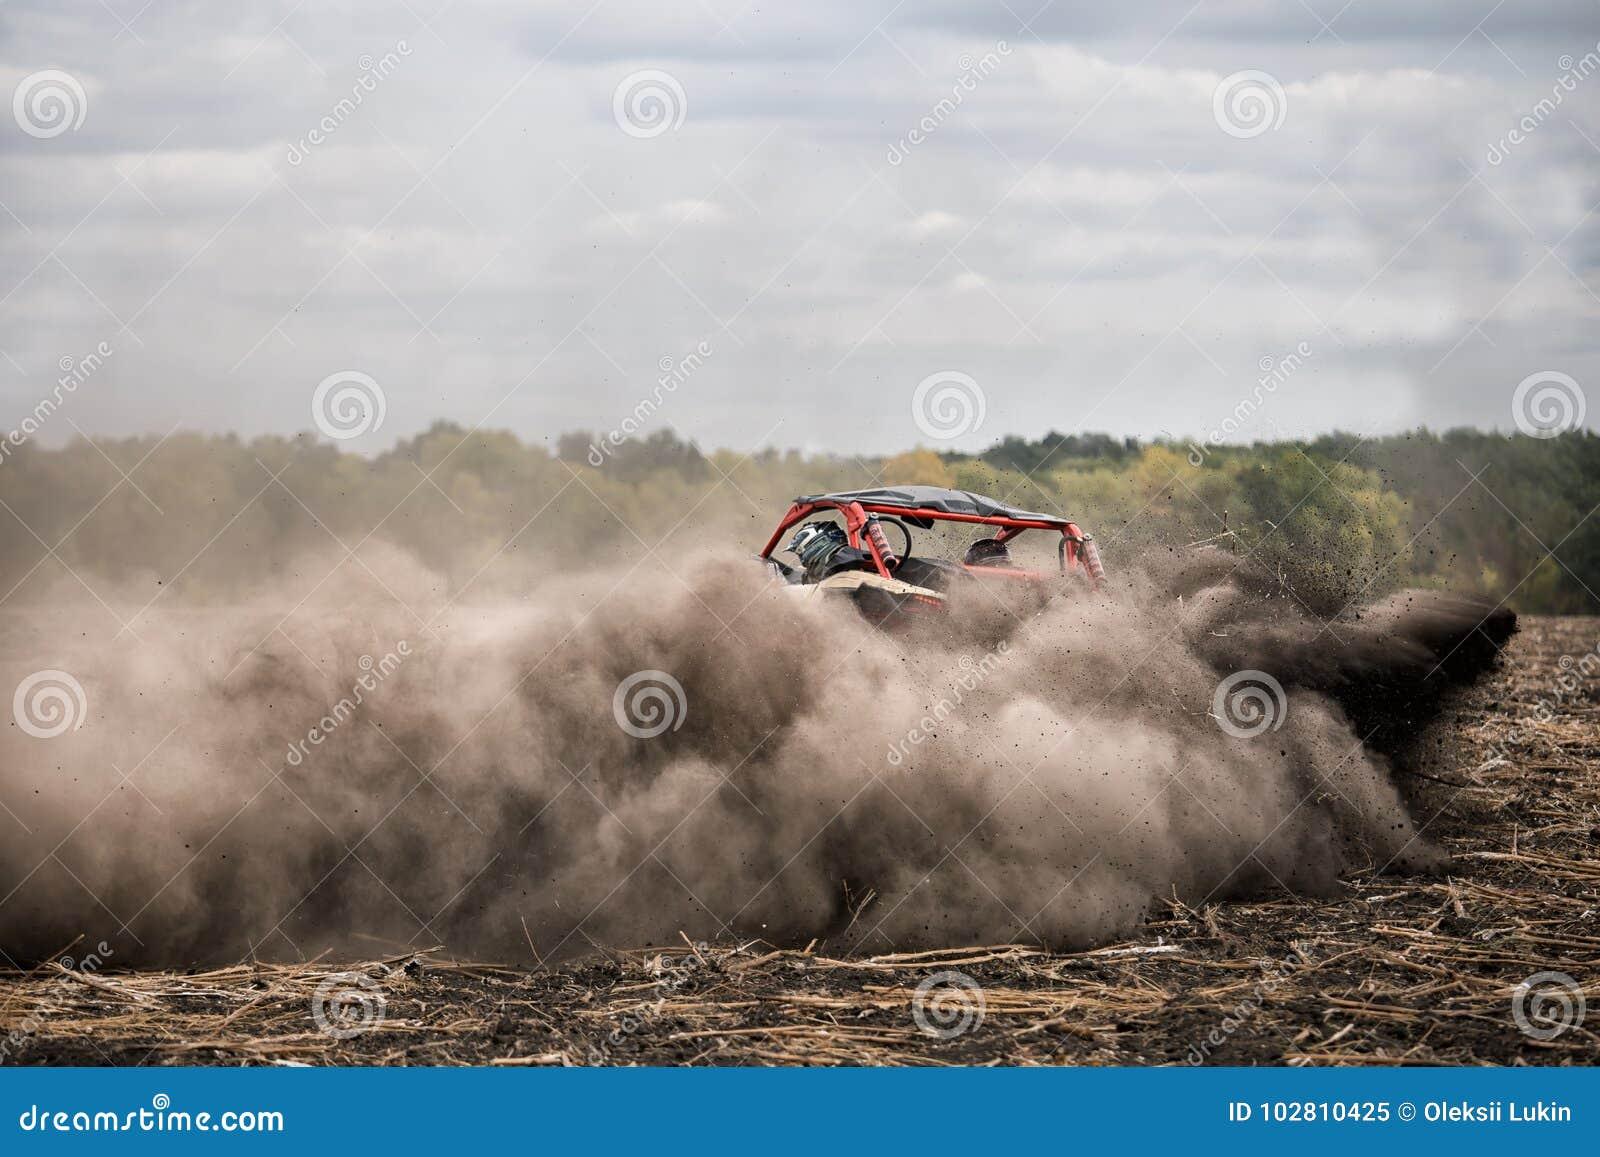 Viererkabelfahrrad mit Fahrer im Fahrerhaus hetzt durch Feld im Staub